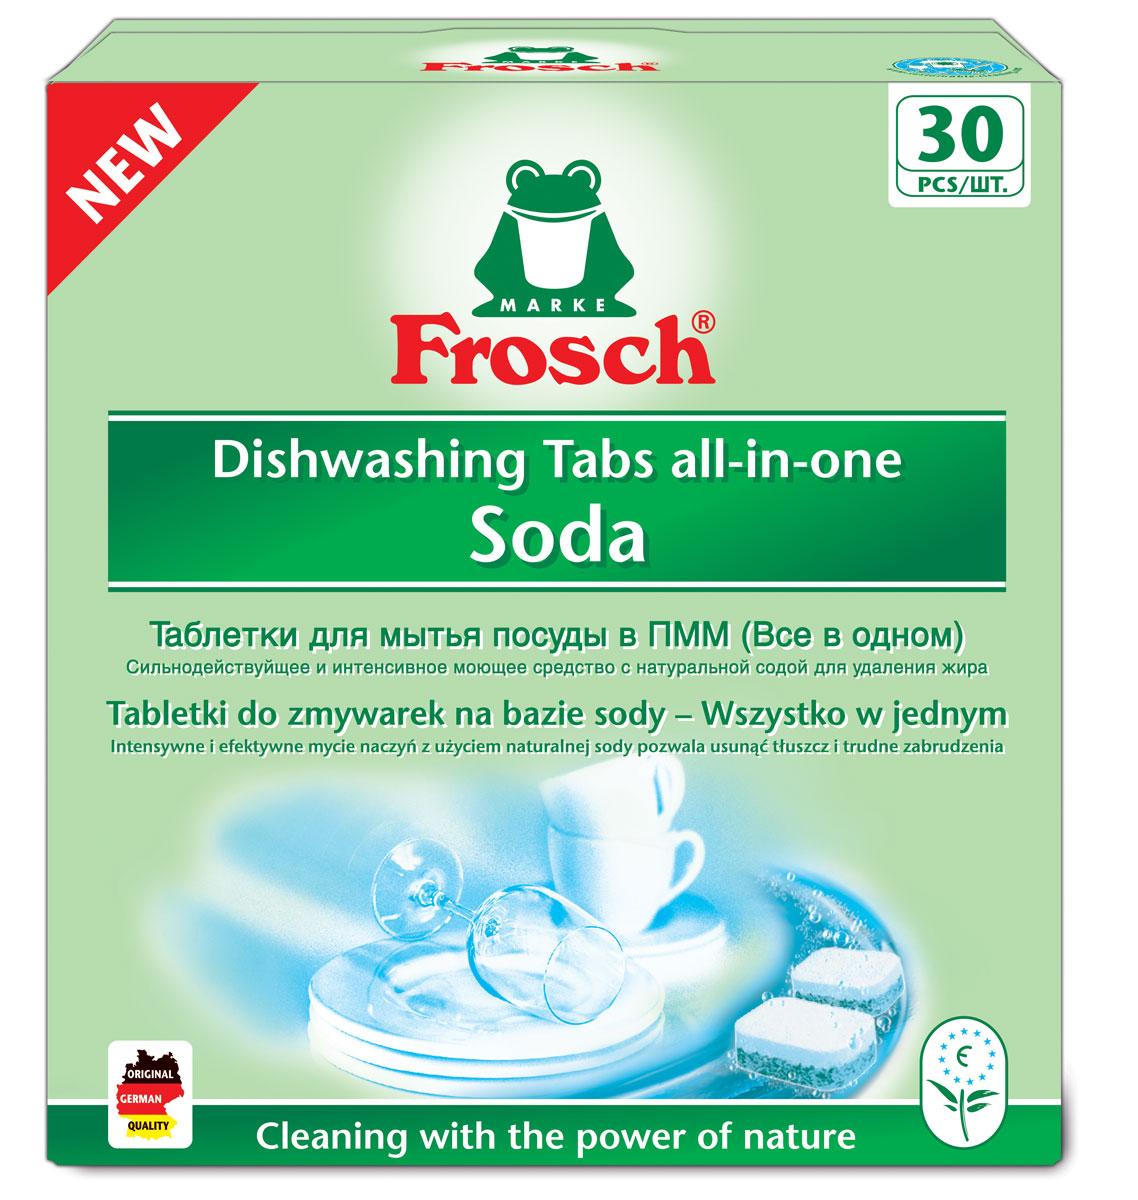 Таблетки для мытья посуды Frosch, для посудомоечной машины, 30 штES-414Таблетки Frosch предназначены для мытья посуды в посудомоечной машине. Это сильнодействующее и интенсивное средство, обладающее всеми функциями современных таблеток для идеальной чистоты и блеска посуды. Формула с натуральной содой отмывает даже засохшие остатки пищи. Предотвращает помутнение стекла и сохраняет блеск.Средство надежно предупреждает образование известкового налета. Таблетки эффективны даже при низкой температуре. Они предусмотрены специально для того, чтобы использовать правильное количество продукта в зависимости от степени загрязнения посуды. Торговая марка Frosch специализируется на выпуске экологически чистой бытовой химии. Для изготовления своей продукции Froschиспользует натуральные природные компоненты. Ассортимент содержит все необходимое для бережного ухода за домом и вещами. Продукция торговой марки Frosch эффективно удаляет загрязнения, оберегает кожу рук и безопасна для окружающей среды. Состав: 15-30% кислородного отбеливателя,Количество таблеток: 30 шт. Производитель:Германия. Товар сертифицирован.Уважаемые клиенты! Обращаем ваше внимание на возможные изменения в дизайне упаковки. Качественные характеристики товара остаются неизменными. Поставка осуществляется в зависимости от наличия на складе.